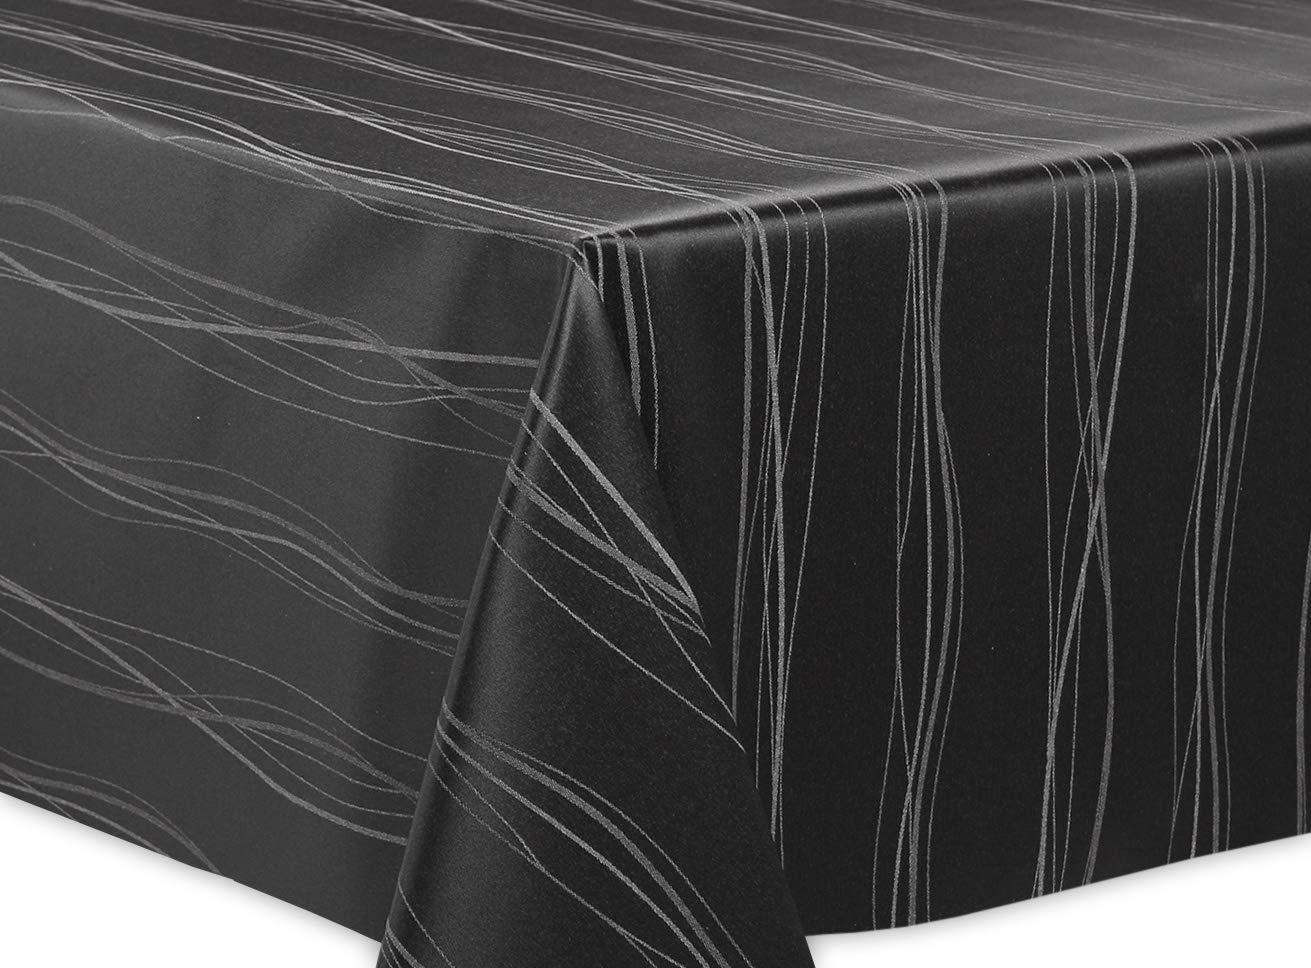 Beautex Jacquard Stoff Tischdecke mit mit mit Lotus Effekt abwischbar, Motiv und Größe wählbar, oval 140 x 260 cm, Linado Silbergrau B07J2KBVK1 Tischdecken 6ecc44